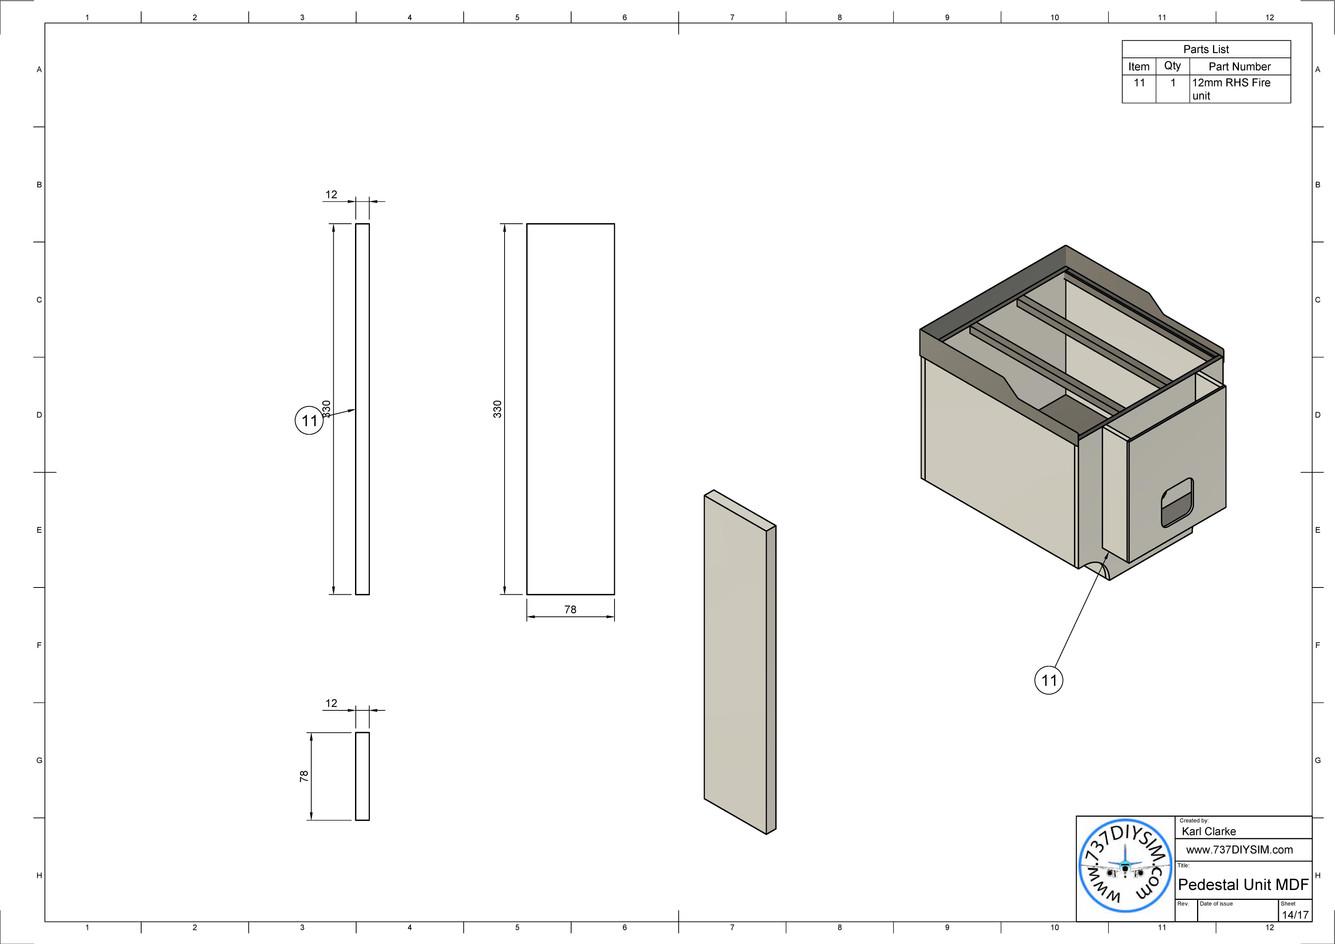 Pedestal Unit MDF Drawing v2-page-014.jp